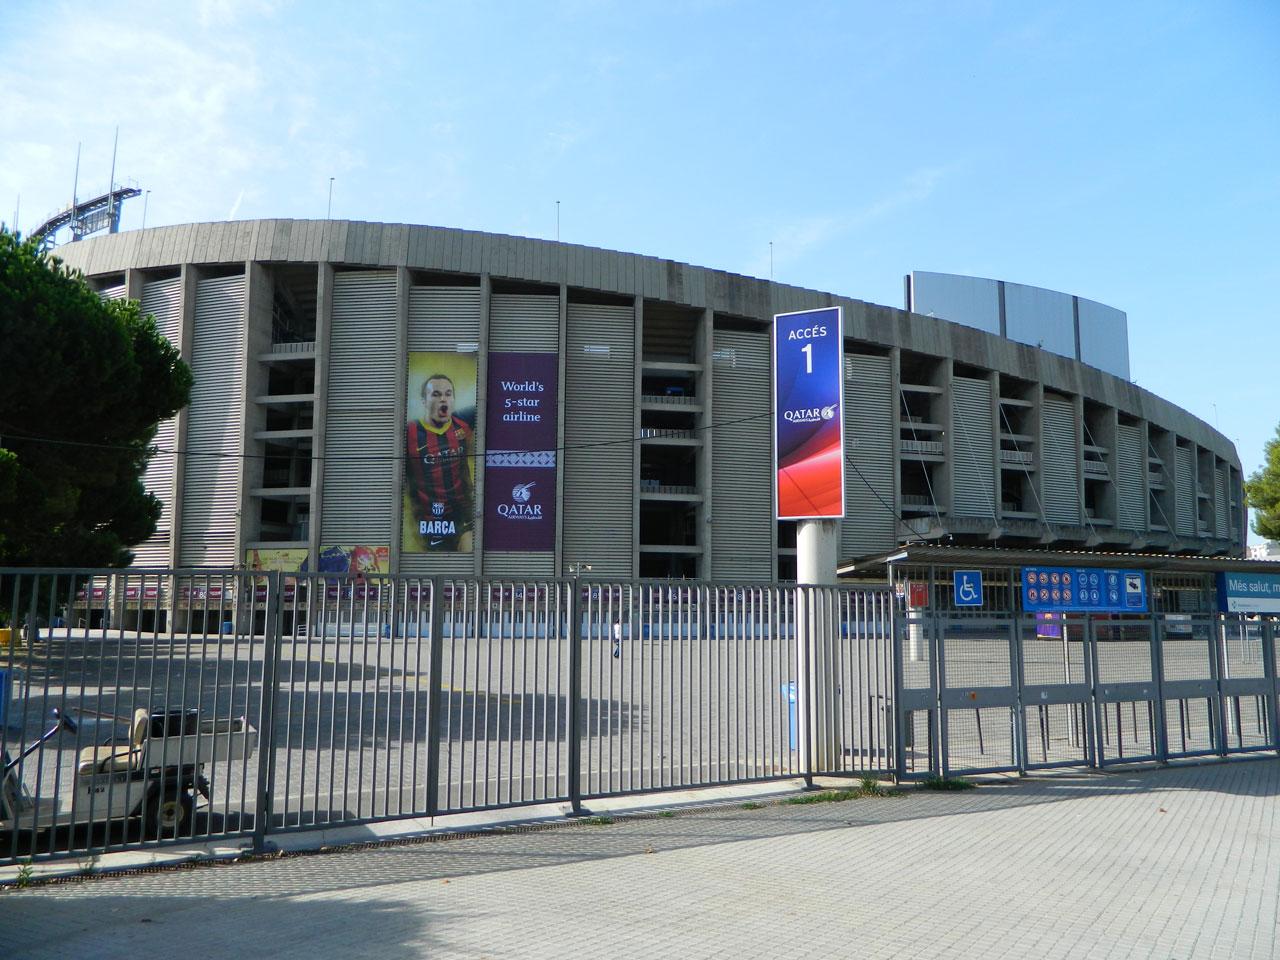 Испания стадион FCB